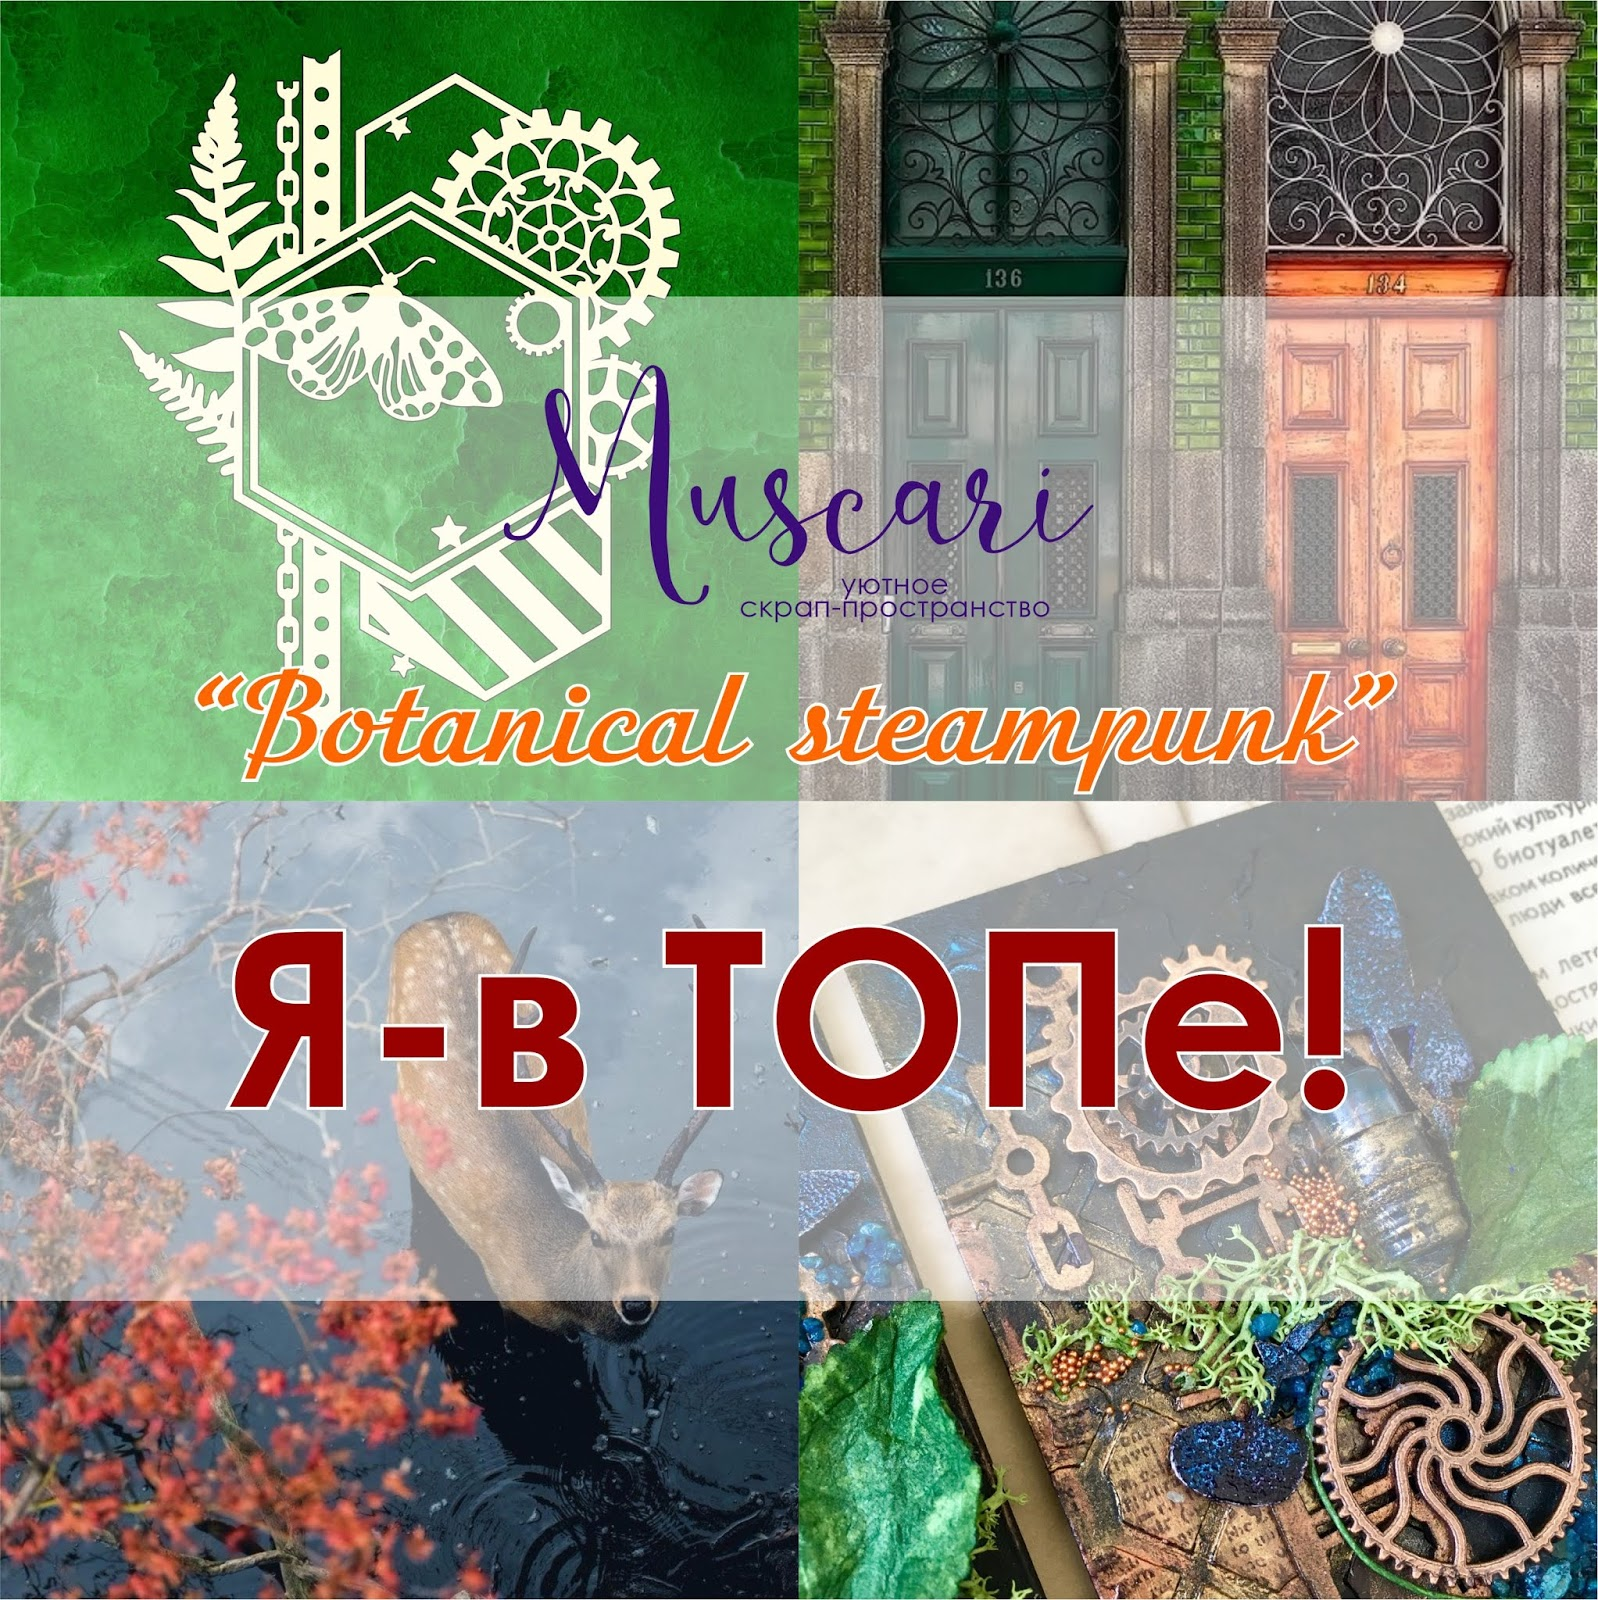 TOP 5 - Muscari